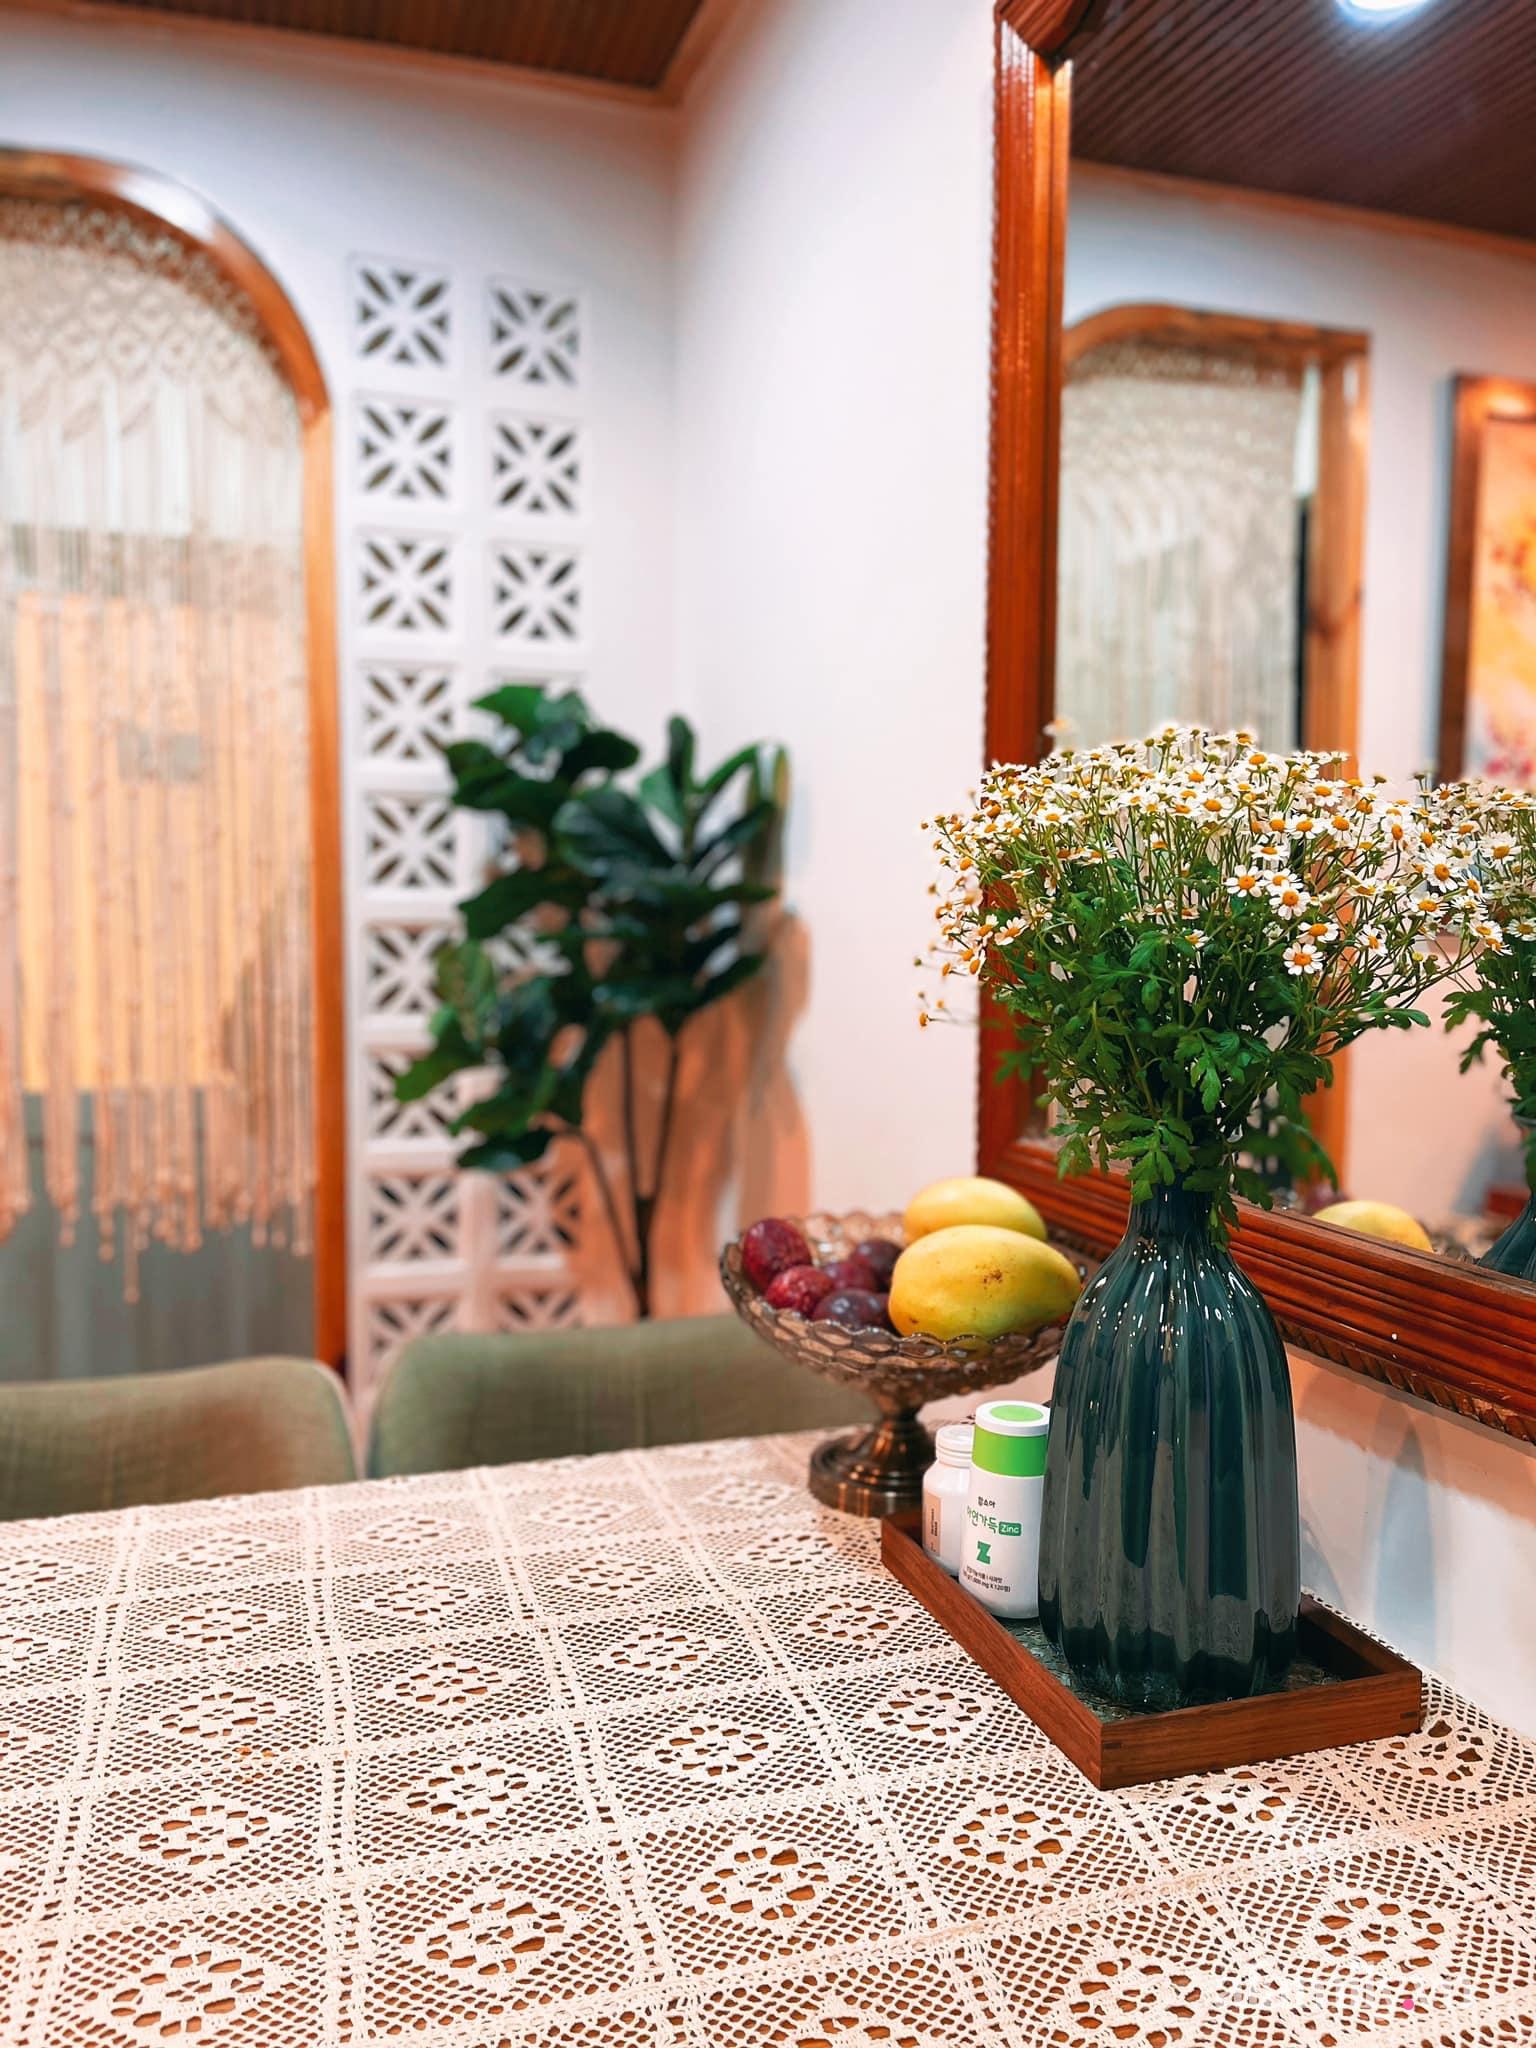 Mua lại căn nhà 63m², cặp vợ chồng trẻ cải tạo thành không gian sống ấm cúng, tiện nghi đủ đường ở Đà Lạt - Ảnh 16.